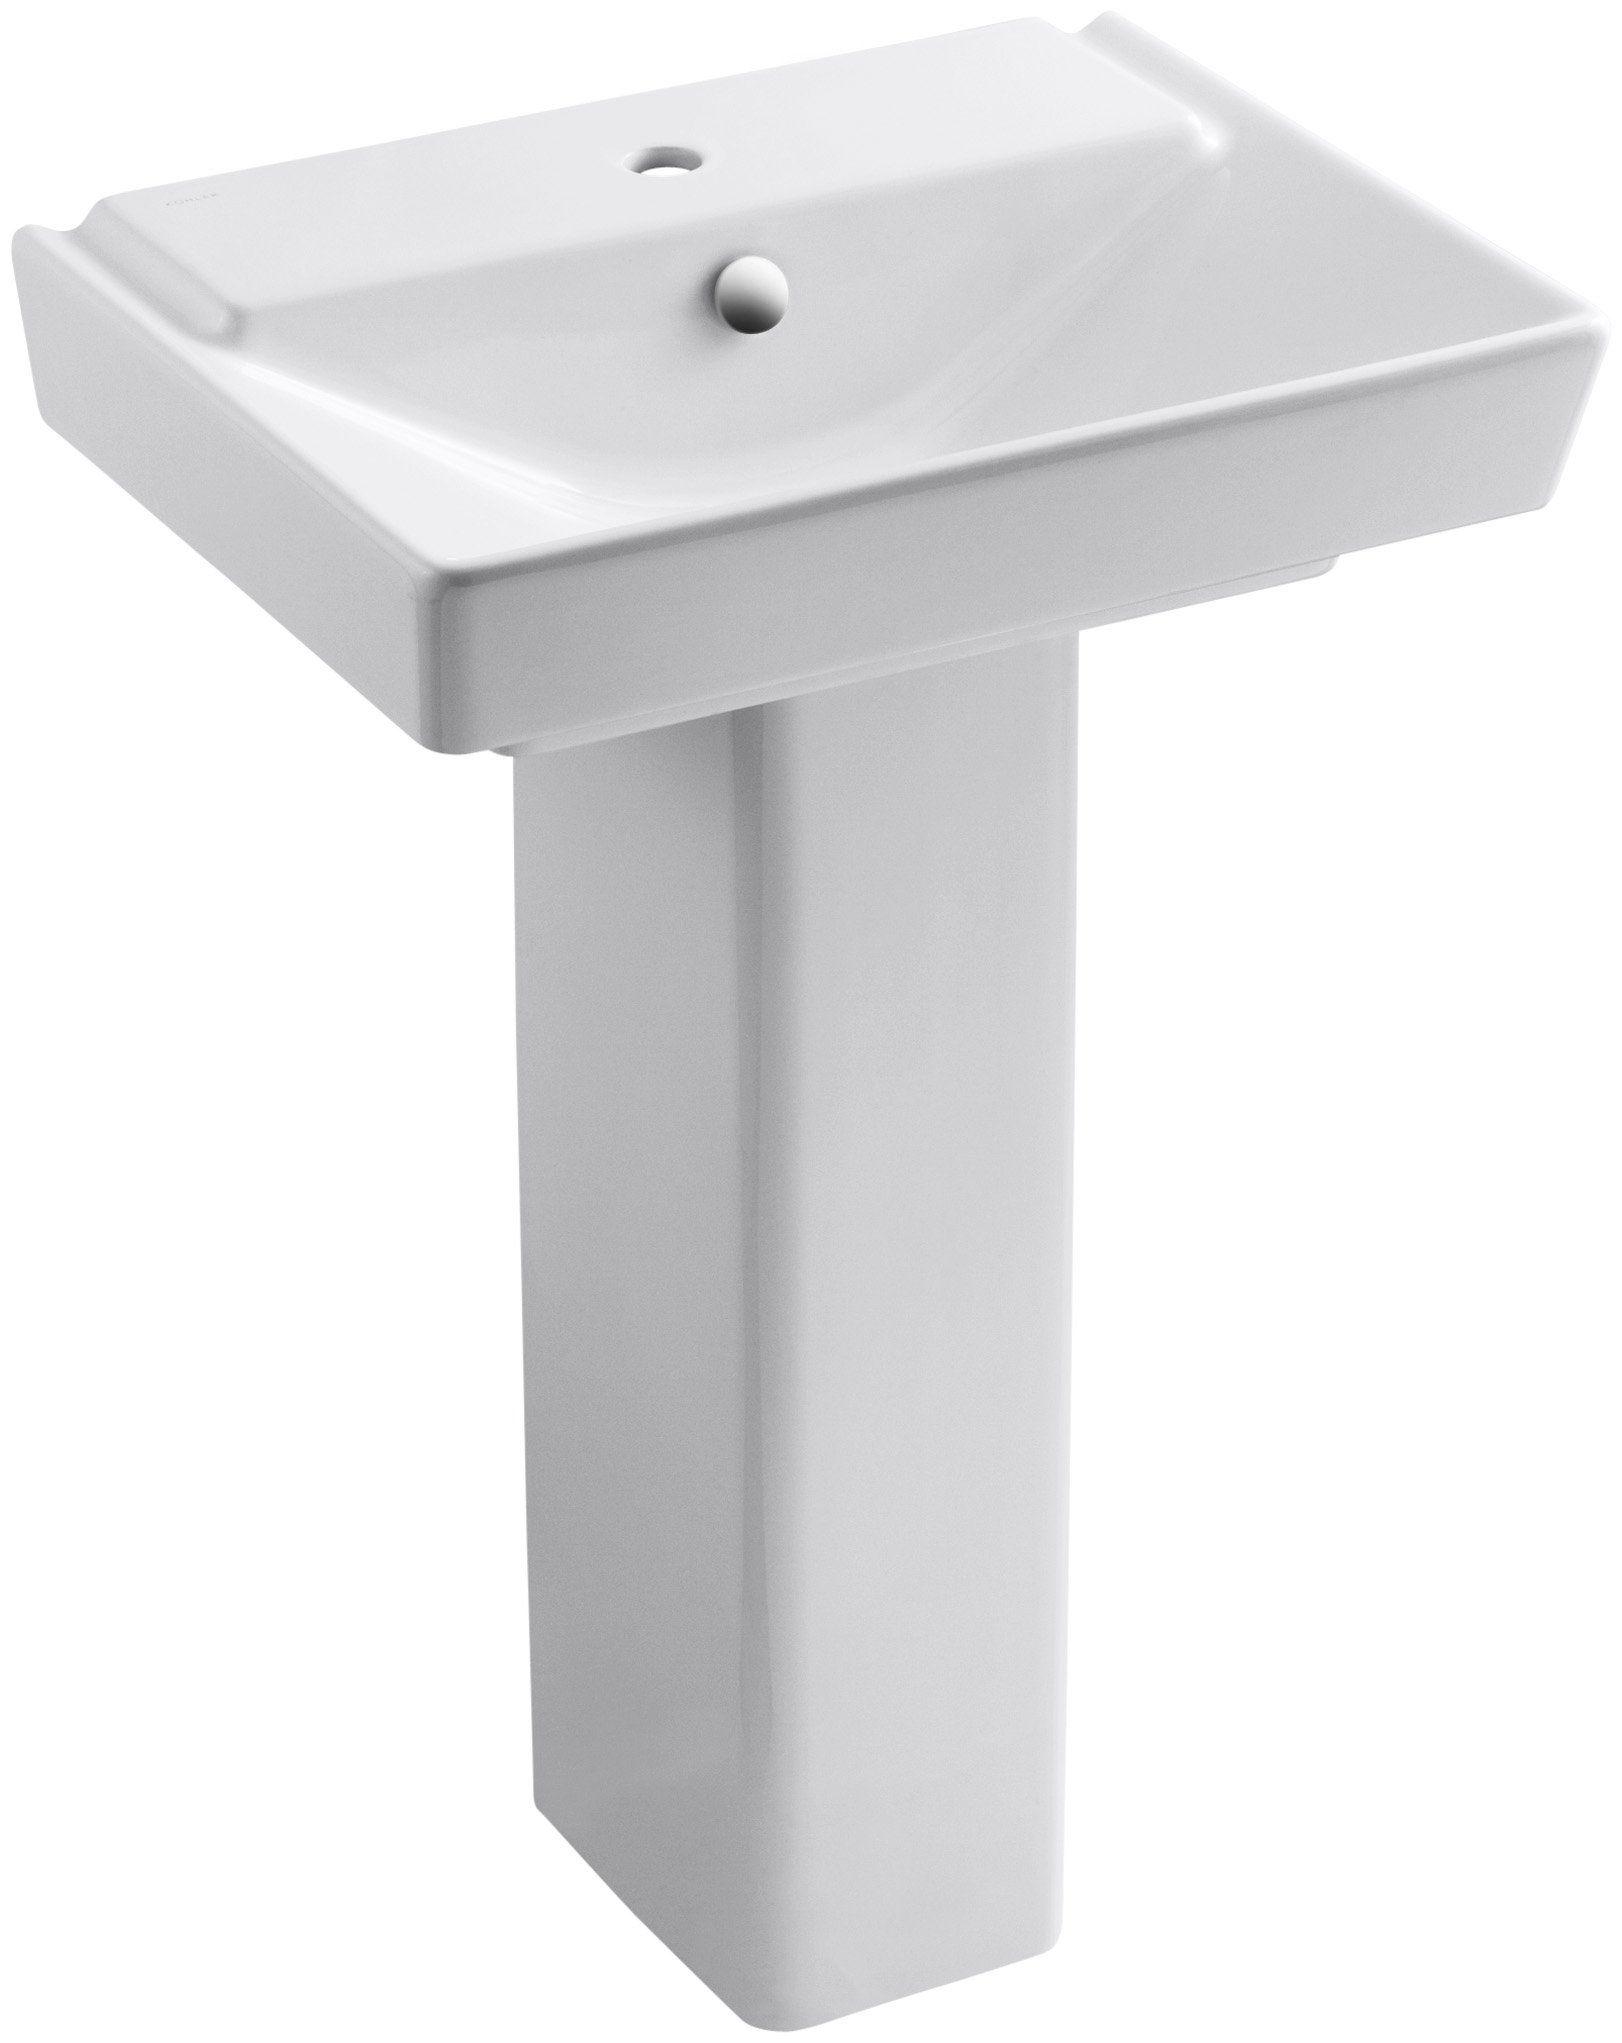 Kohler K 5152 1 0 Reve 23 Bathroom Sink Basin And Pedestal White